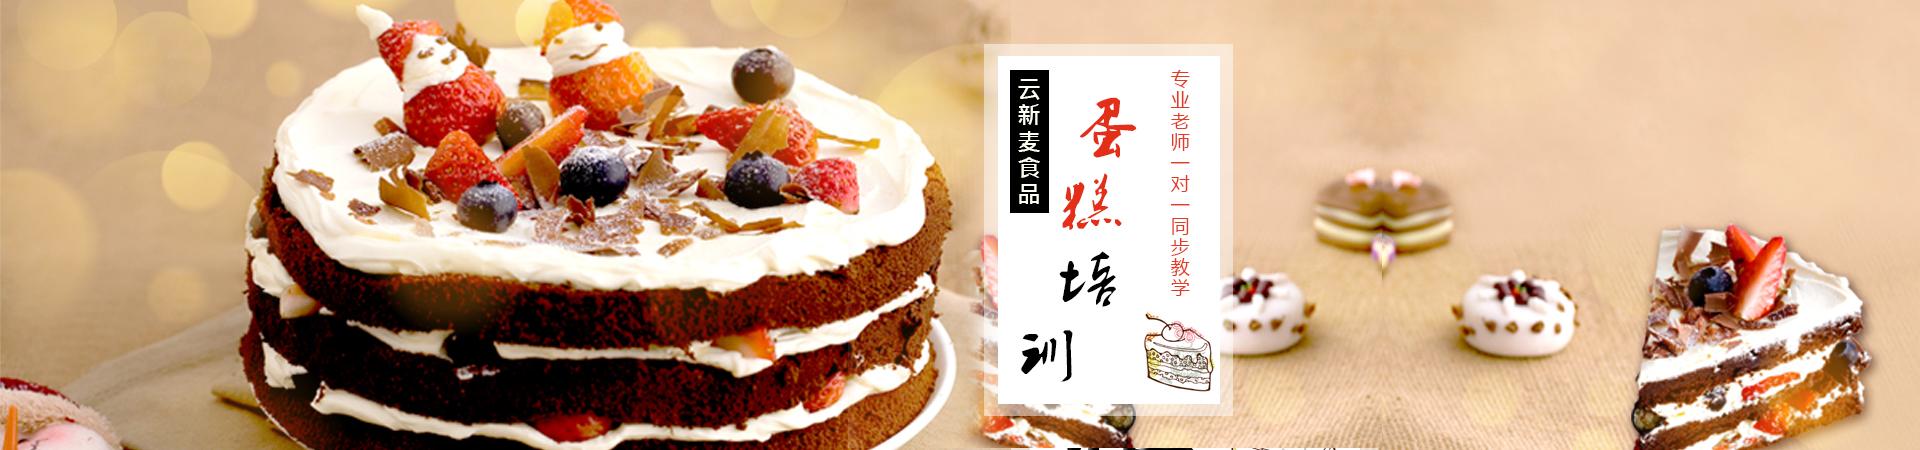 贵阳蛋糕培训班